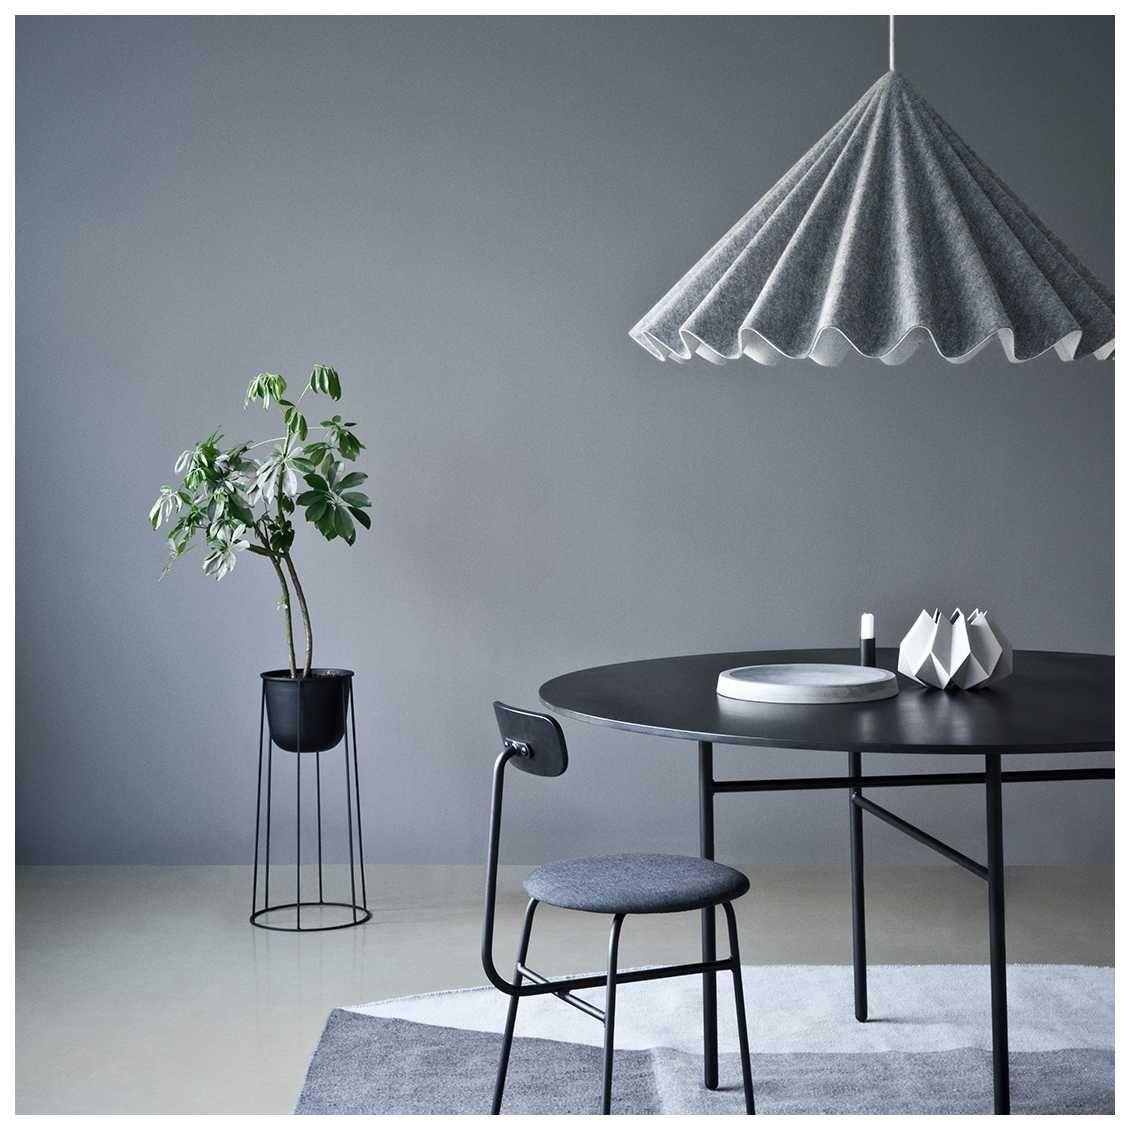 De #Dancing Hanglamp is een ontwerp van #Iskos-Berlin voor het ...